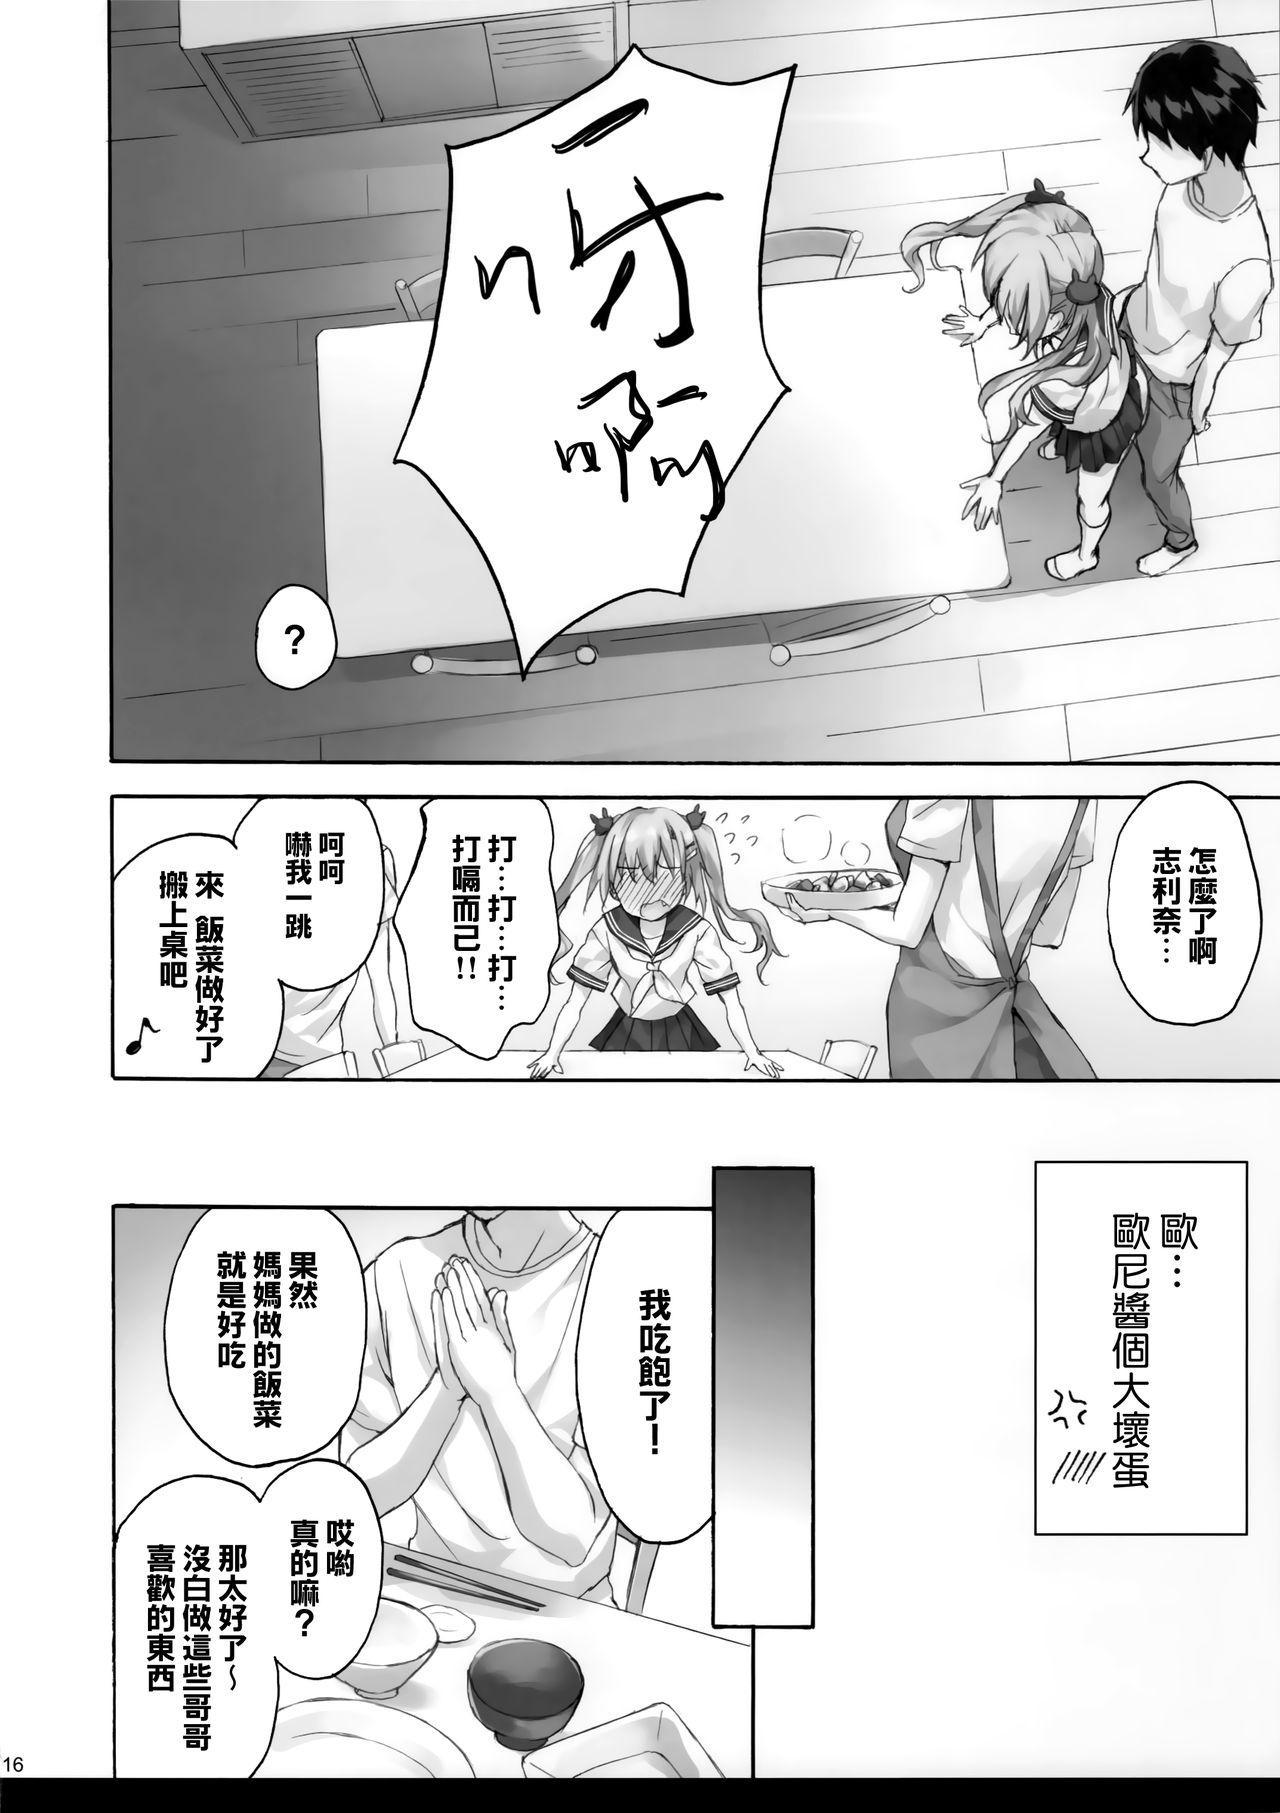 onii-chan no koto ha kirai dakedo sorenari ni daisuki2+1 14